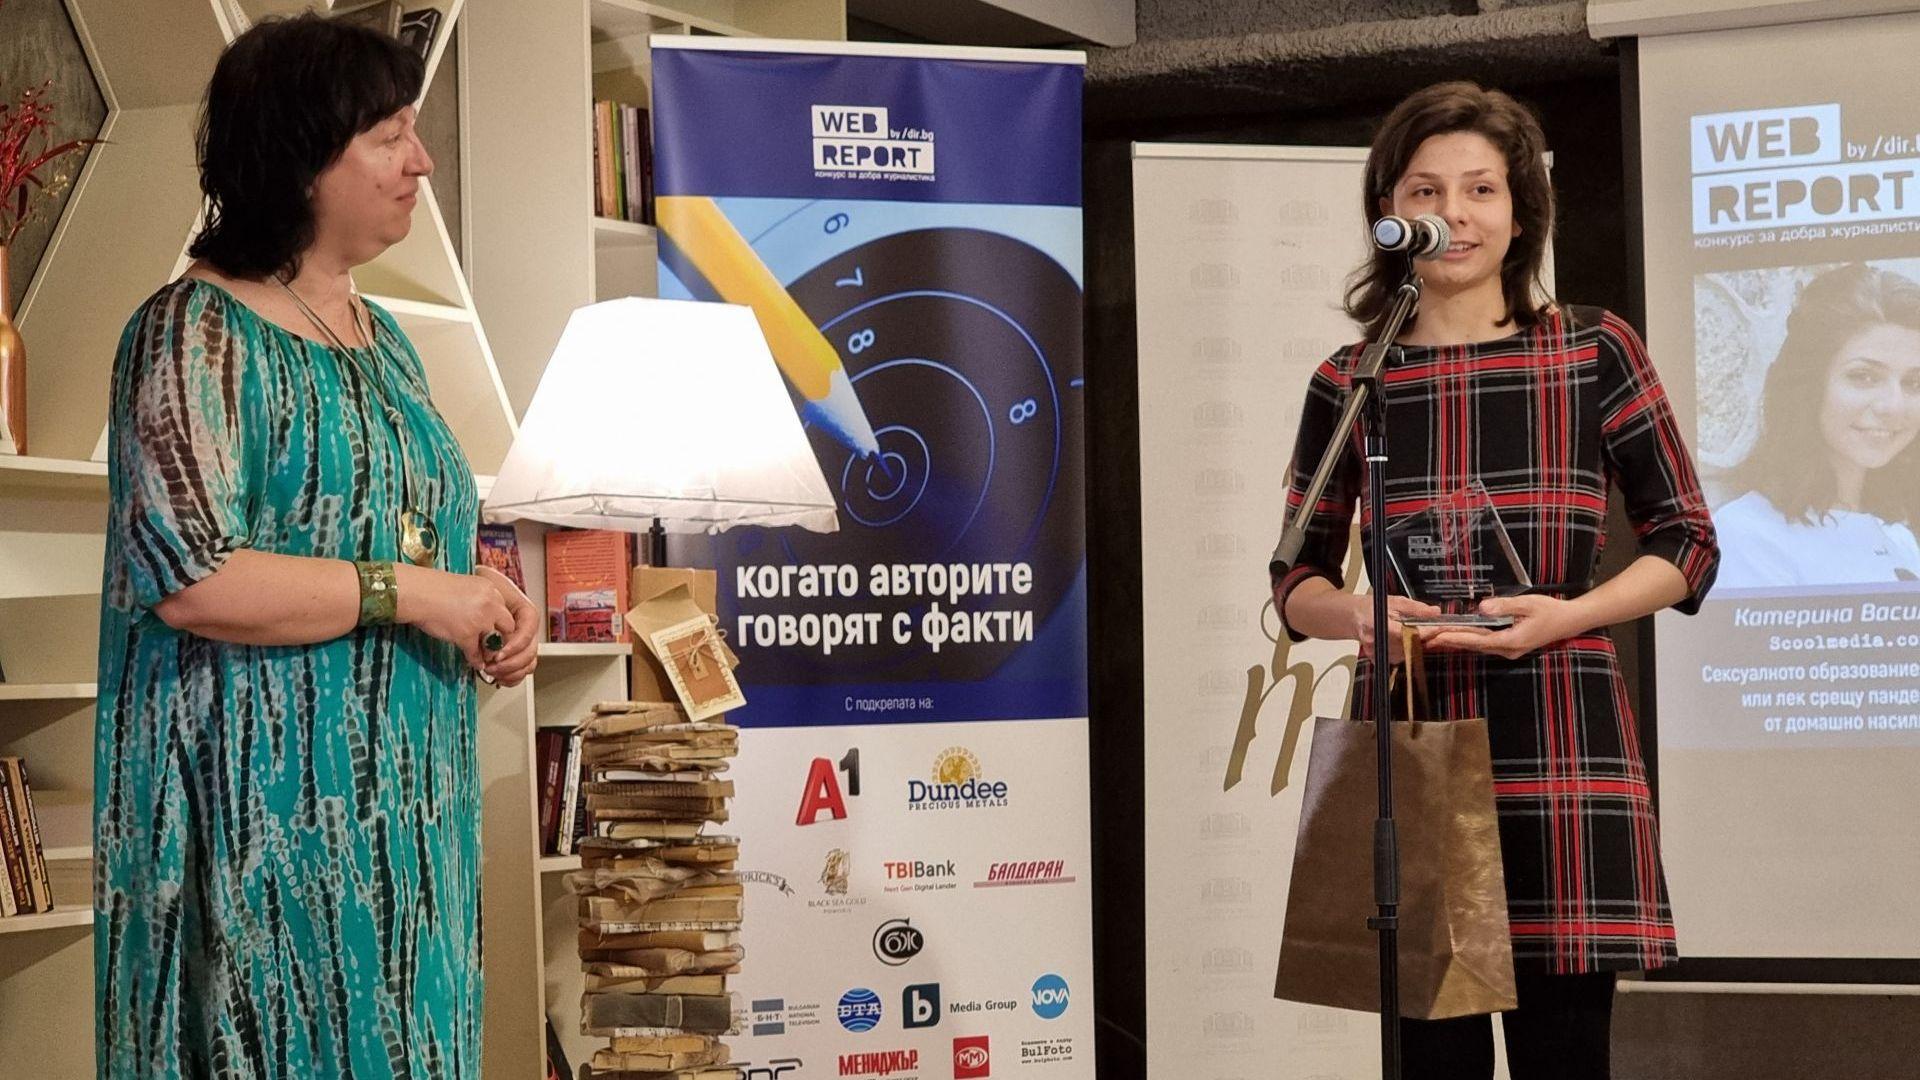 Най-добрият млад автор Катерина Василева пое наградата от председателя на СБЖ - Снежана Тодорова.